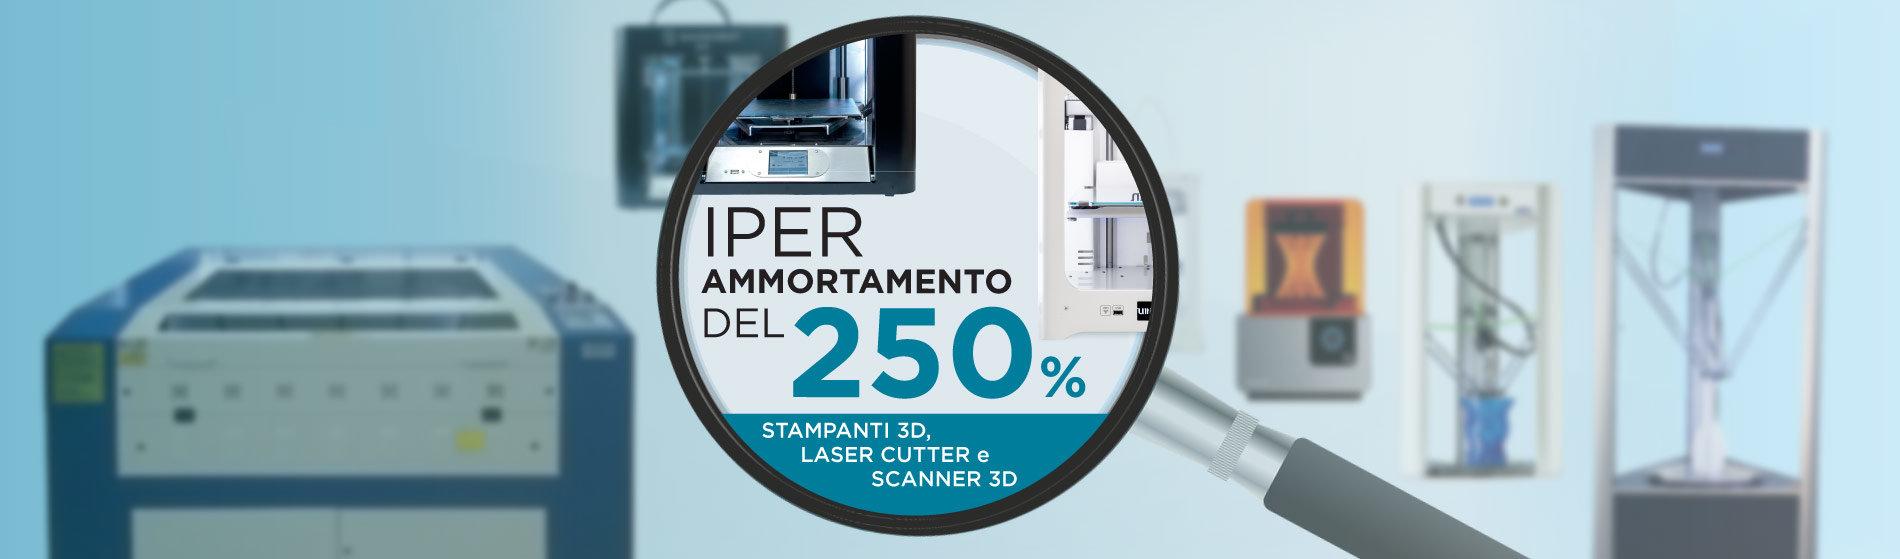 iper-super-ammontamente-iperammoramento-stampani-3d-250-lasercut-laser-cut-cutter-scanner-3ditaly-shop-ecommerce-online-compra